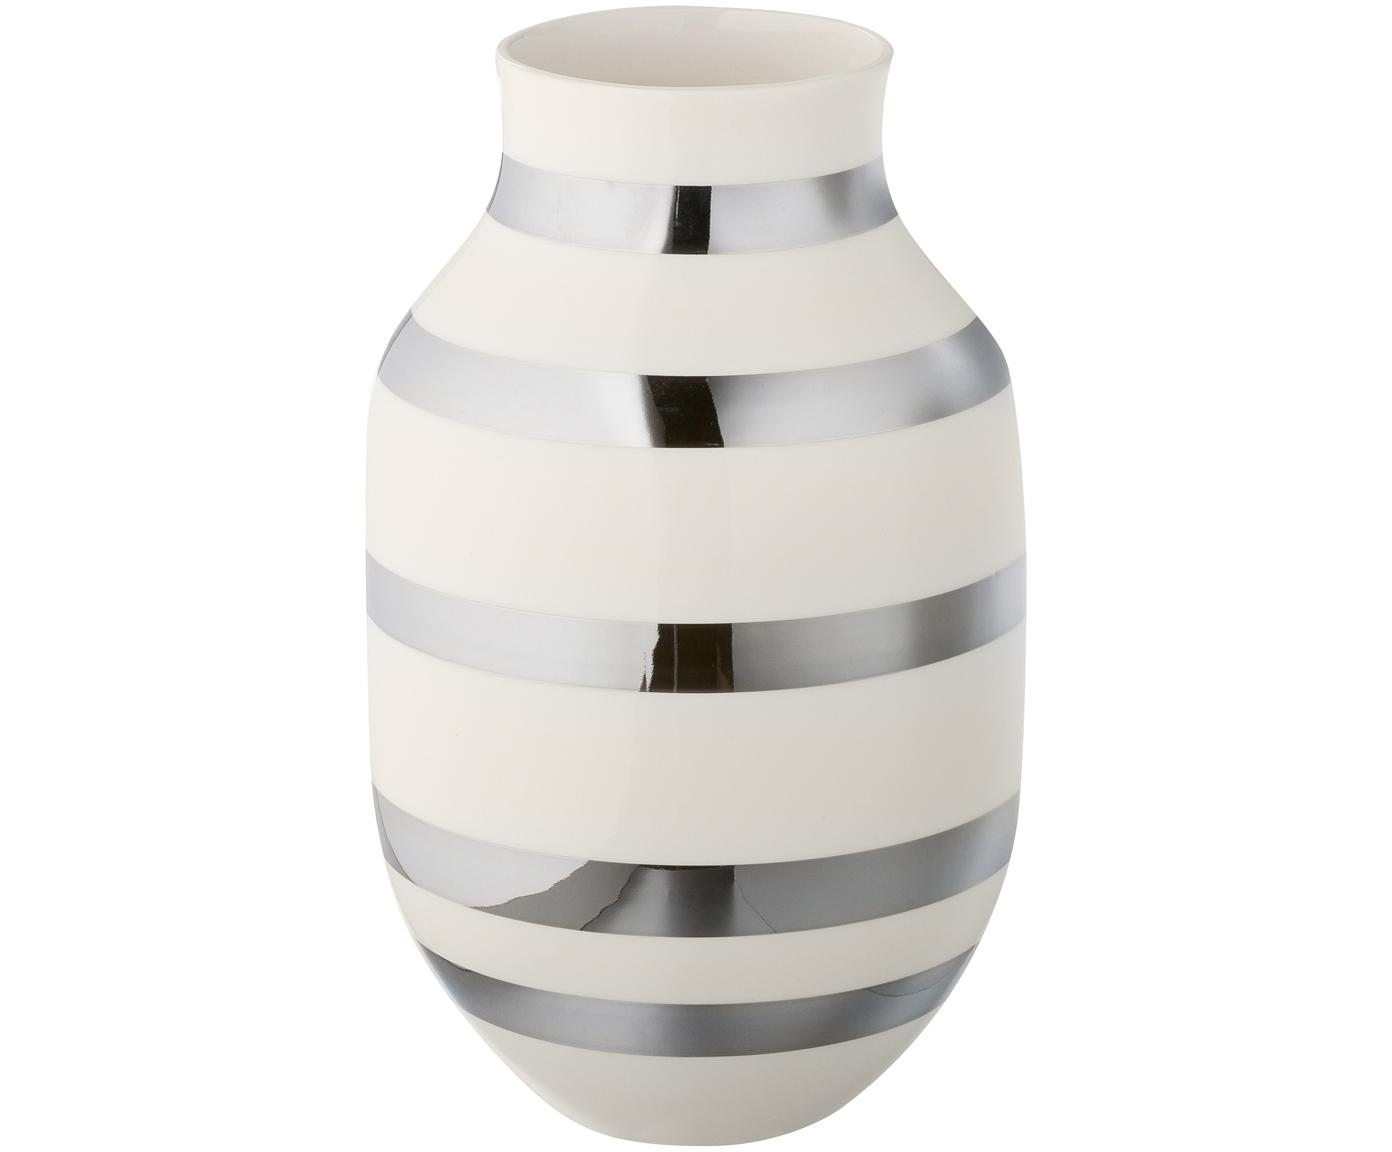 Grosse handgefertigte Design-Vase Omaggio, Keramik, Silberfarben, glänzend, Weiss, Ø 20 x H 30 cm